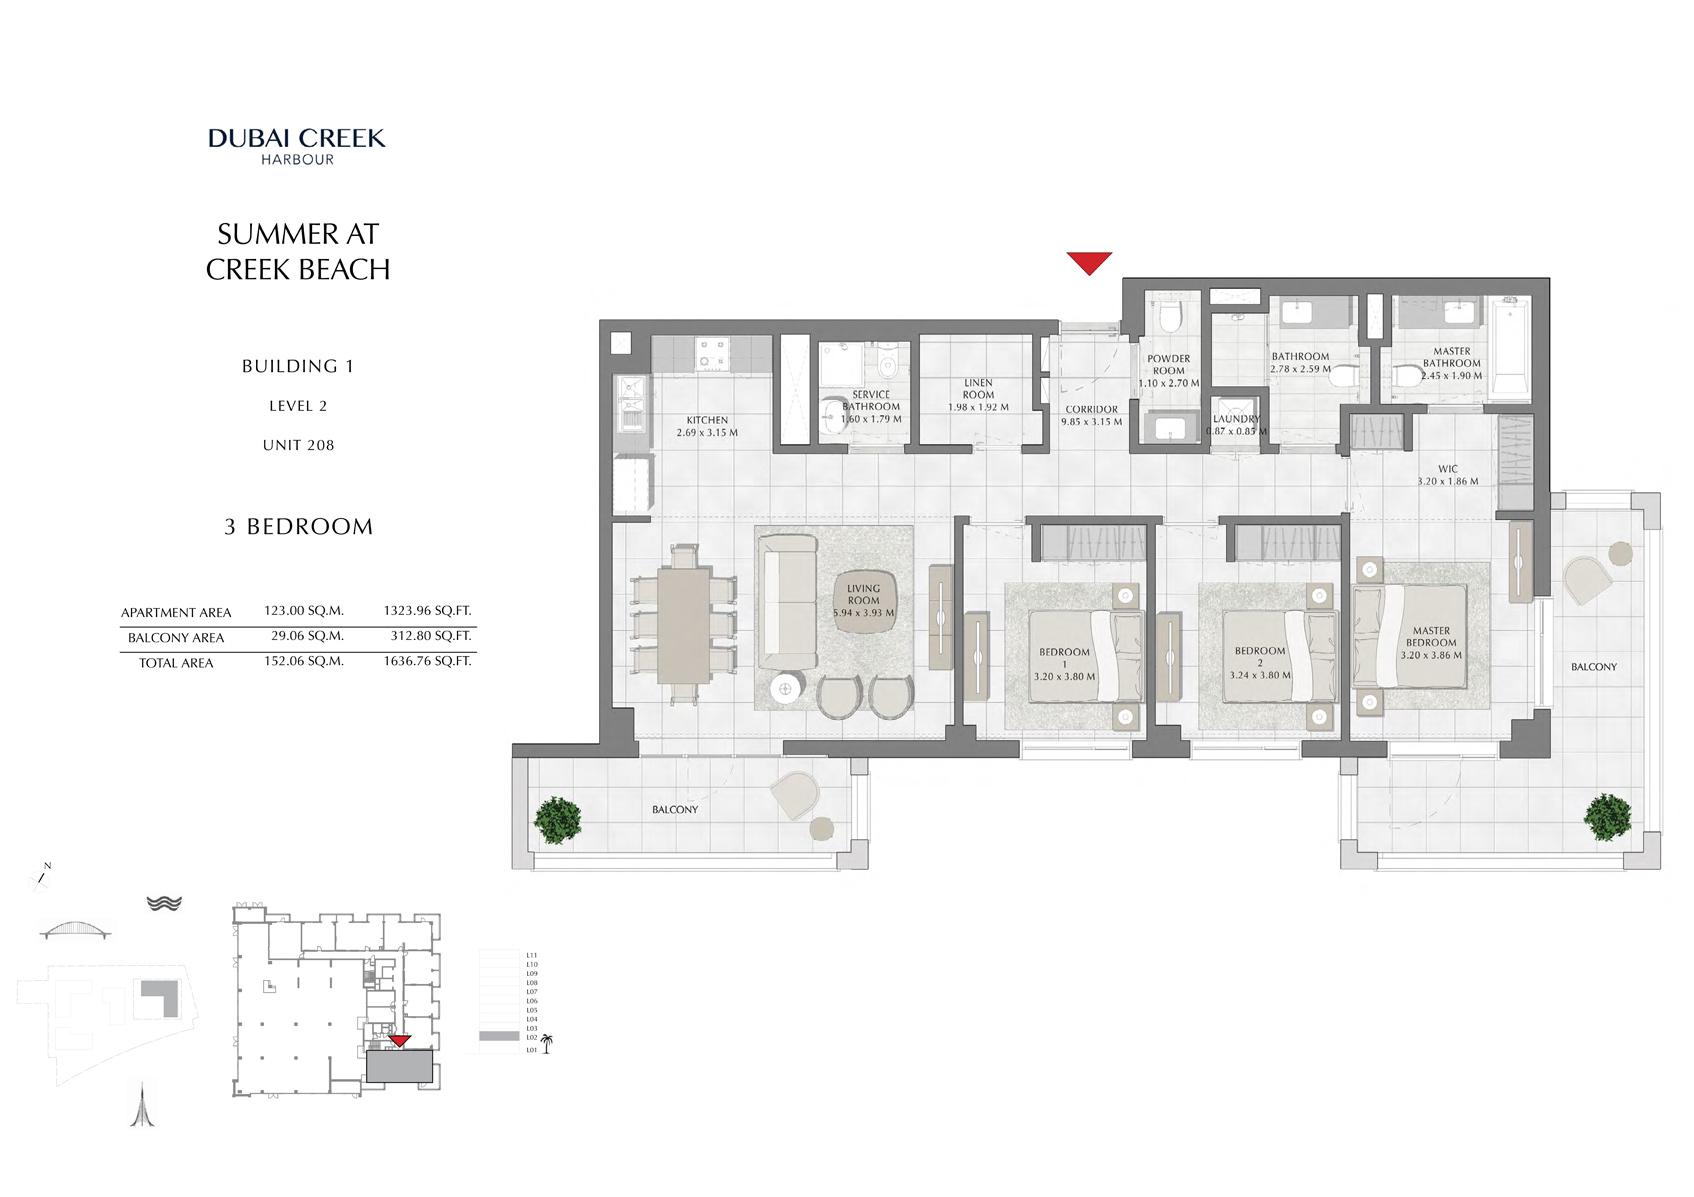 3 Br Building 1 Level 2 Unit 208, Size 1636 Sq Ft